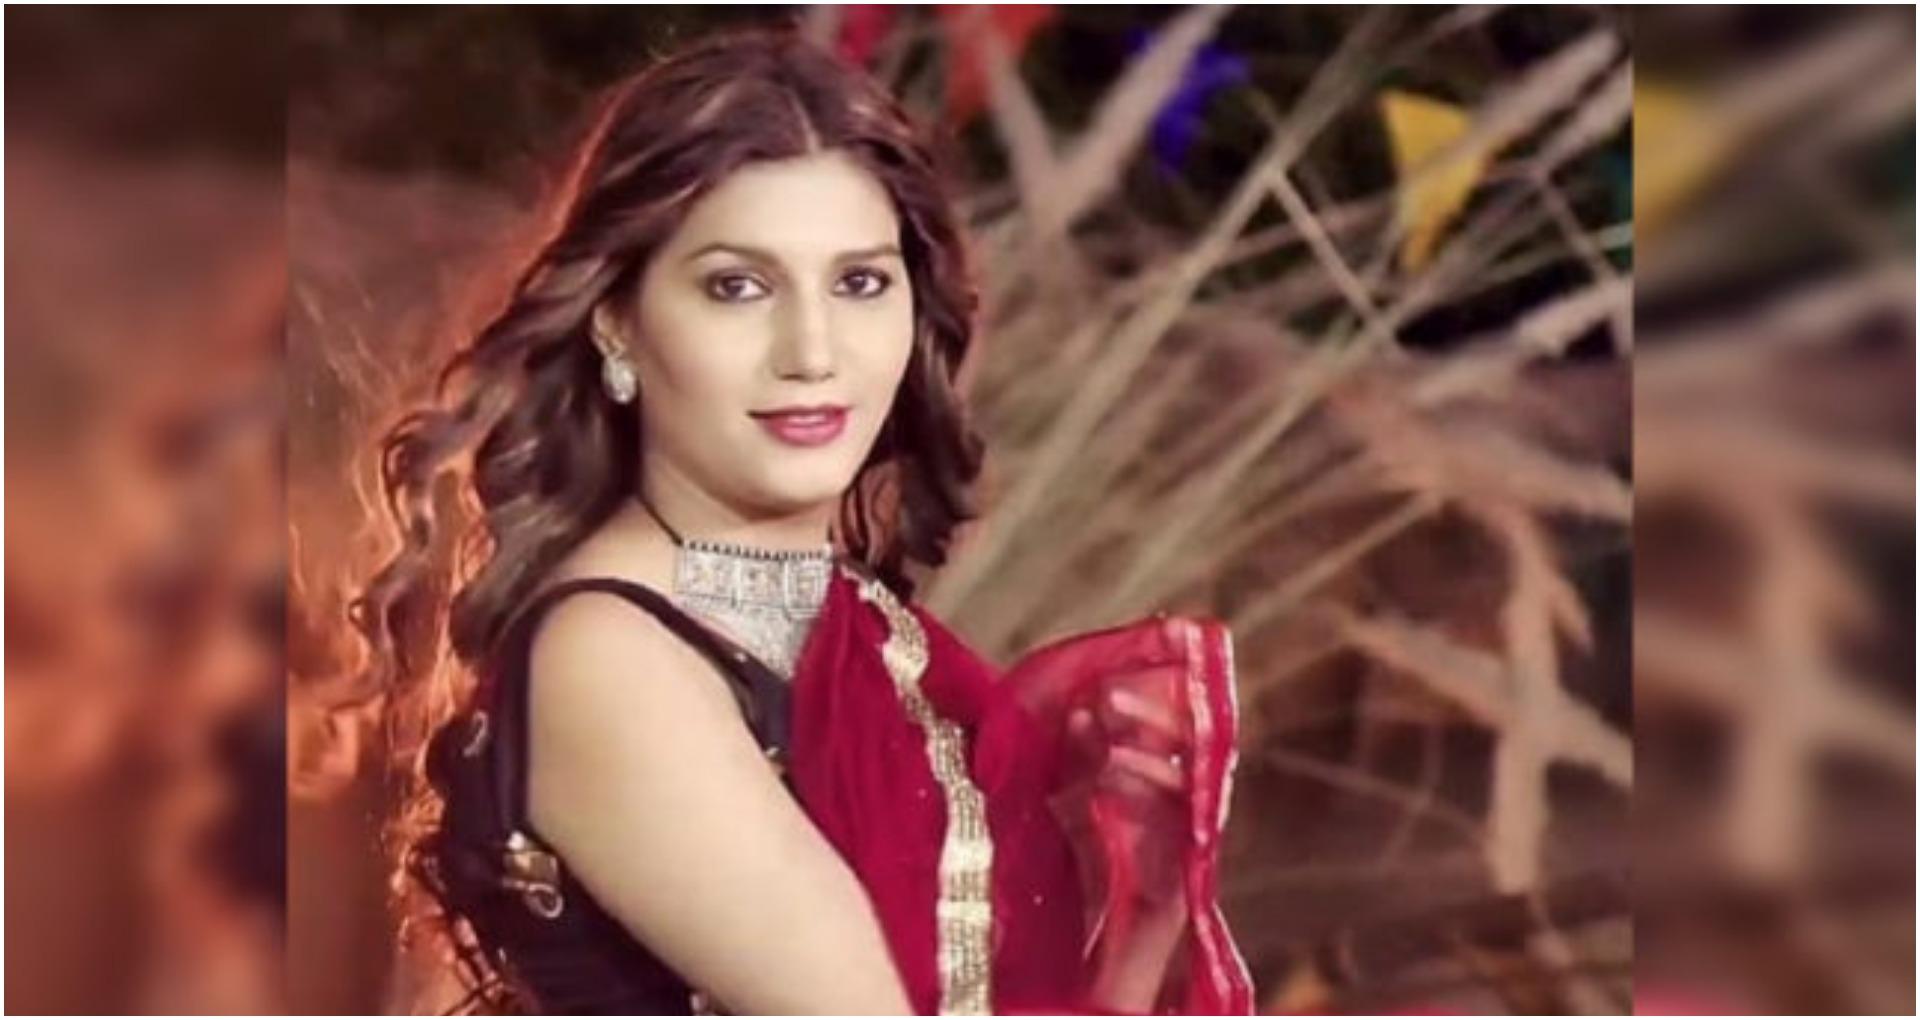 Sapna Choudhary Dance: गोवा के कसीनो में डांस कर सपना चौधरी ने मचाया धमाल, सामने आया वीडियो